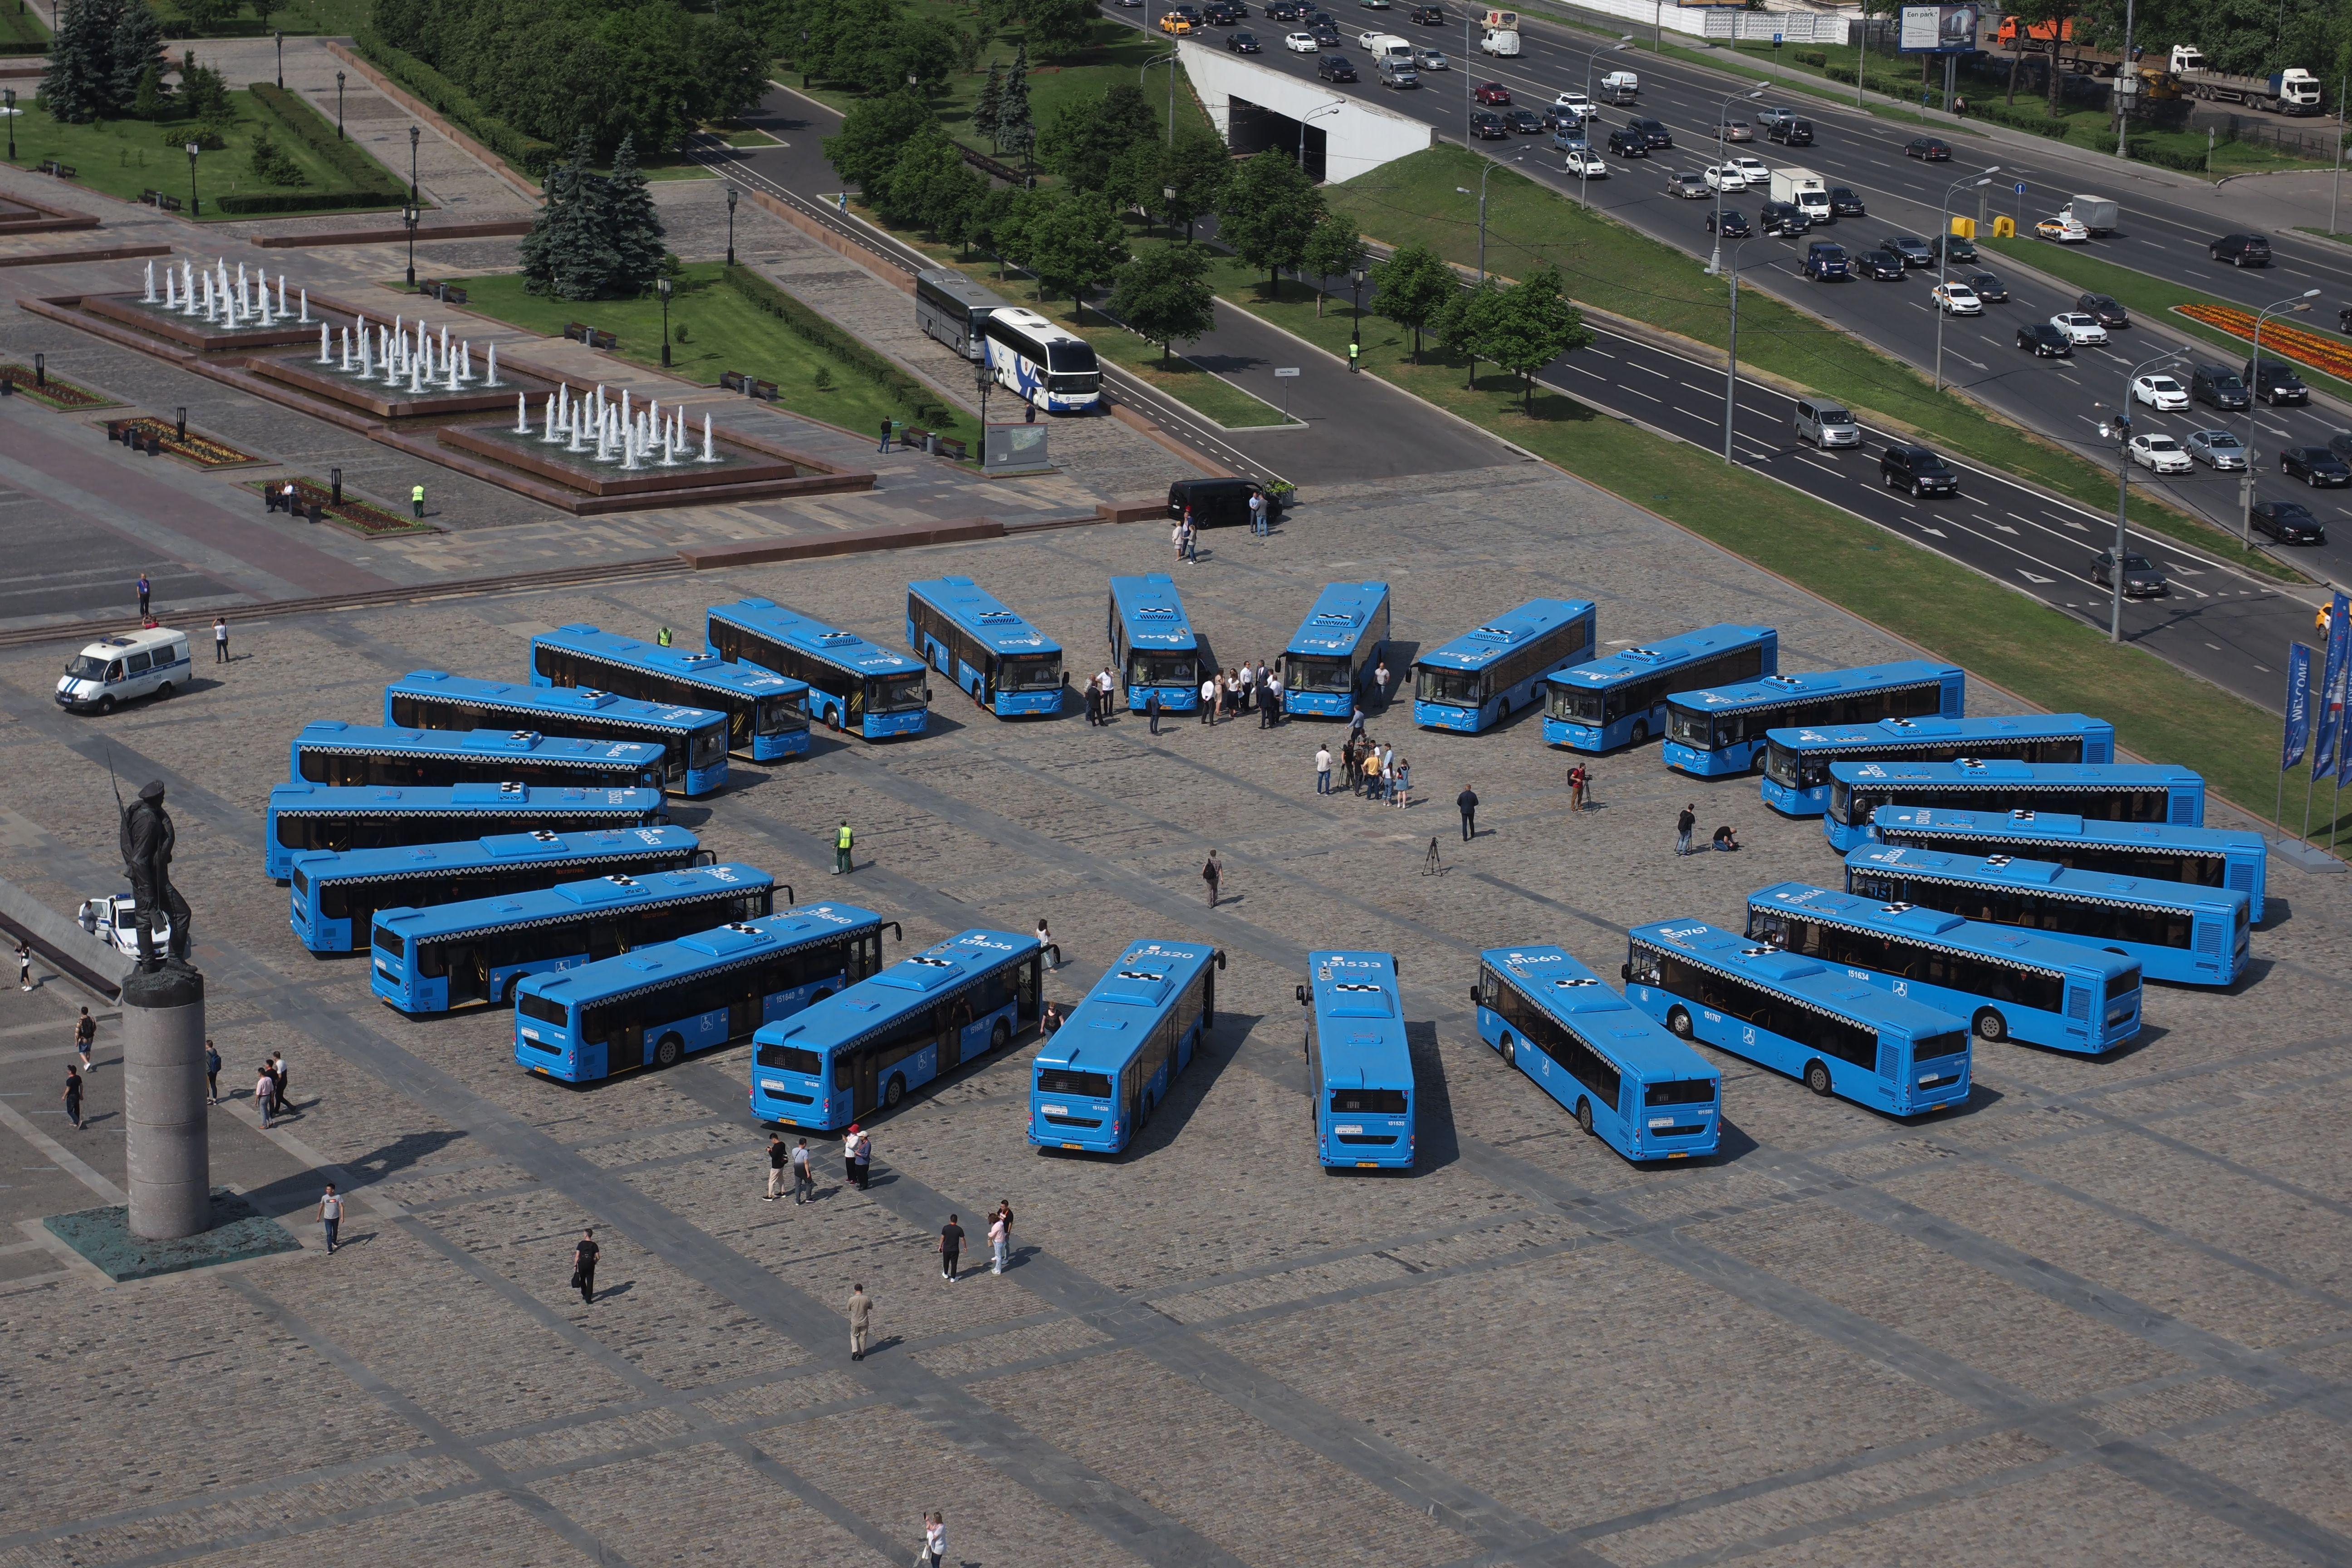 Москвичам напомнили о бесплатных автобусах на время перекрытия Сокольнической линии метро